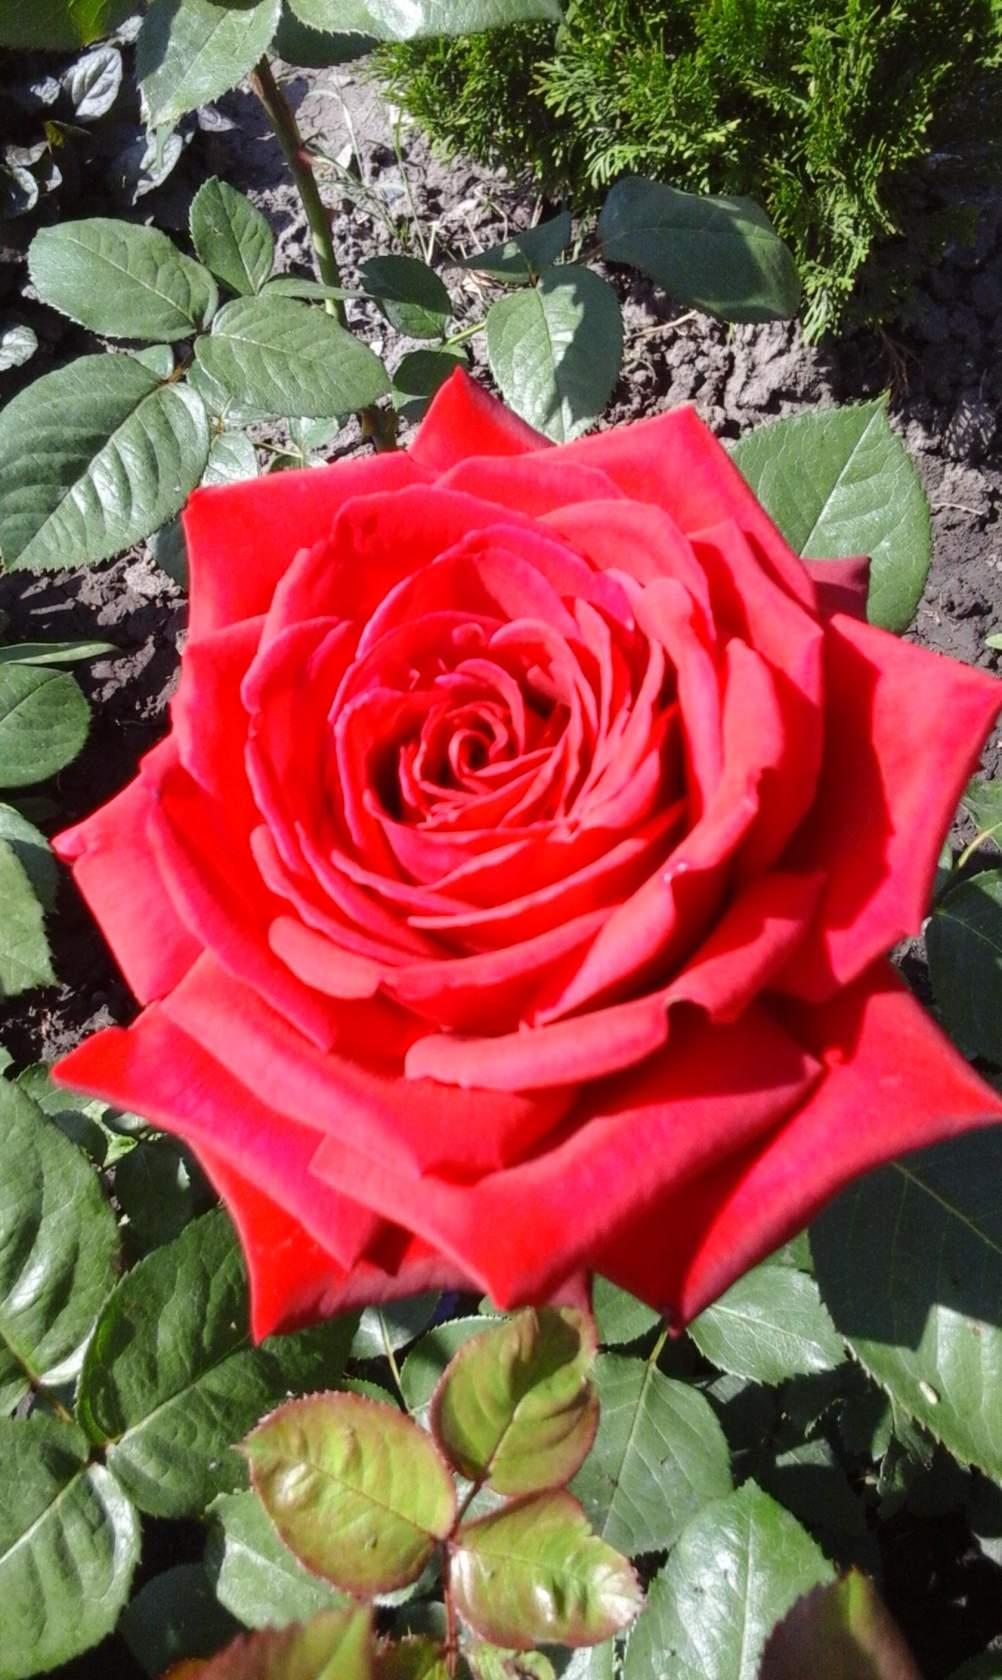 роза-королева цветов!. Блиц: розы